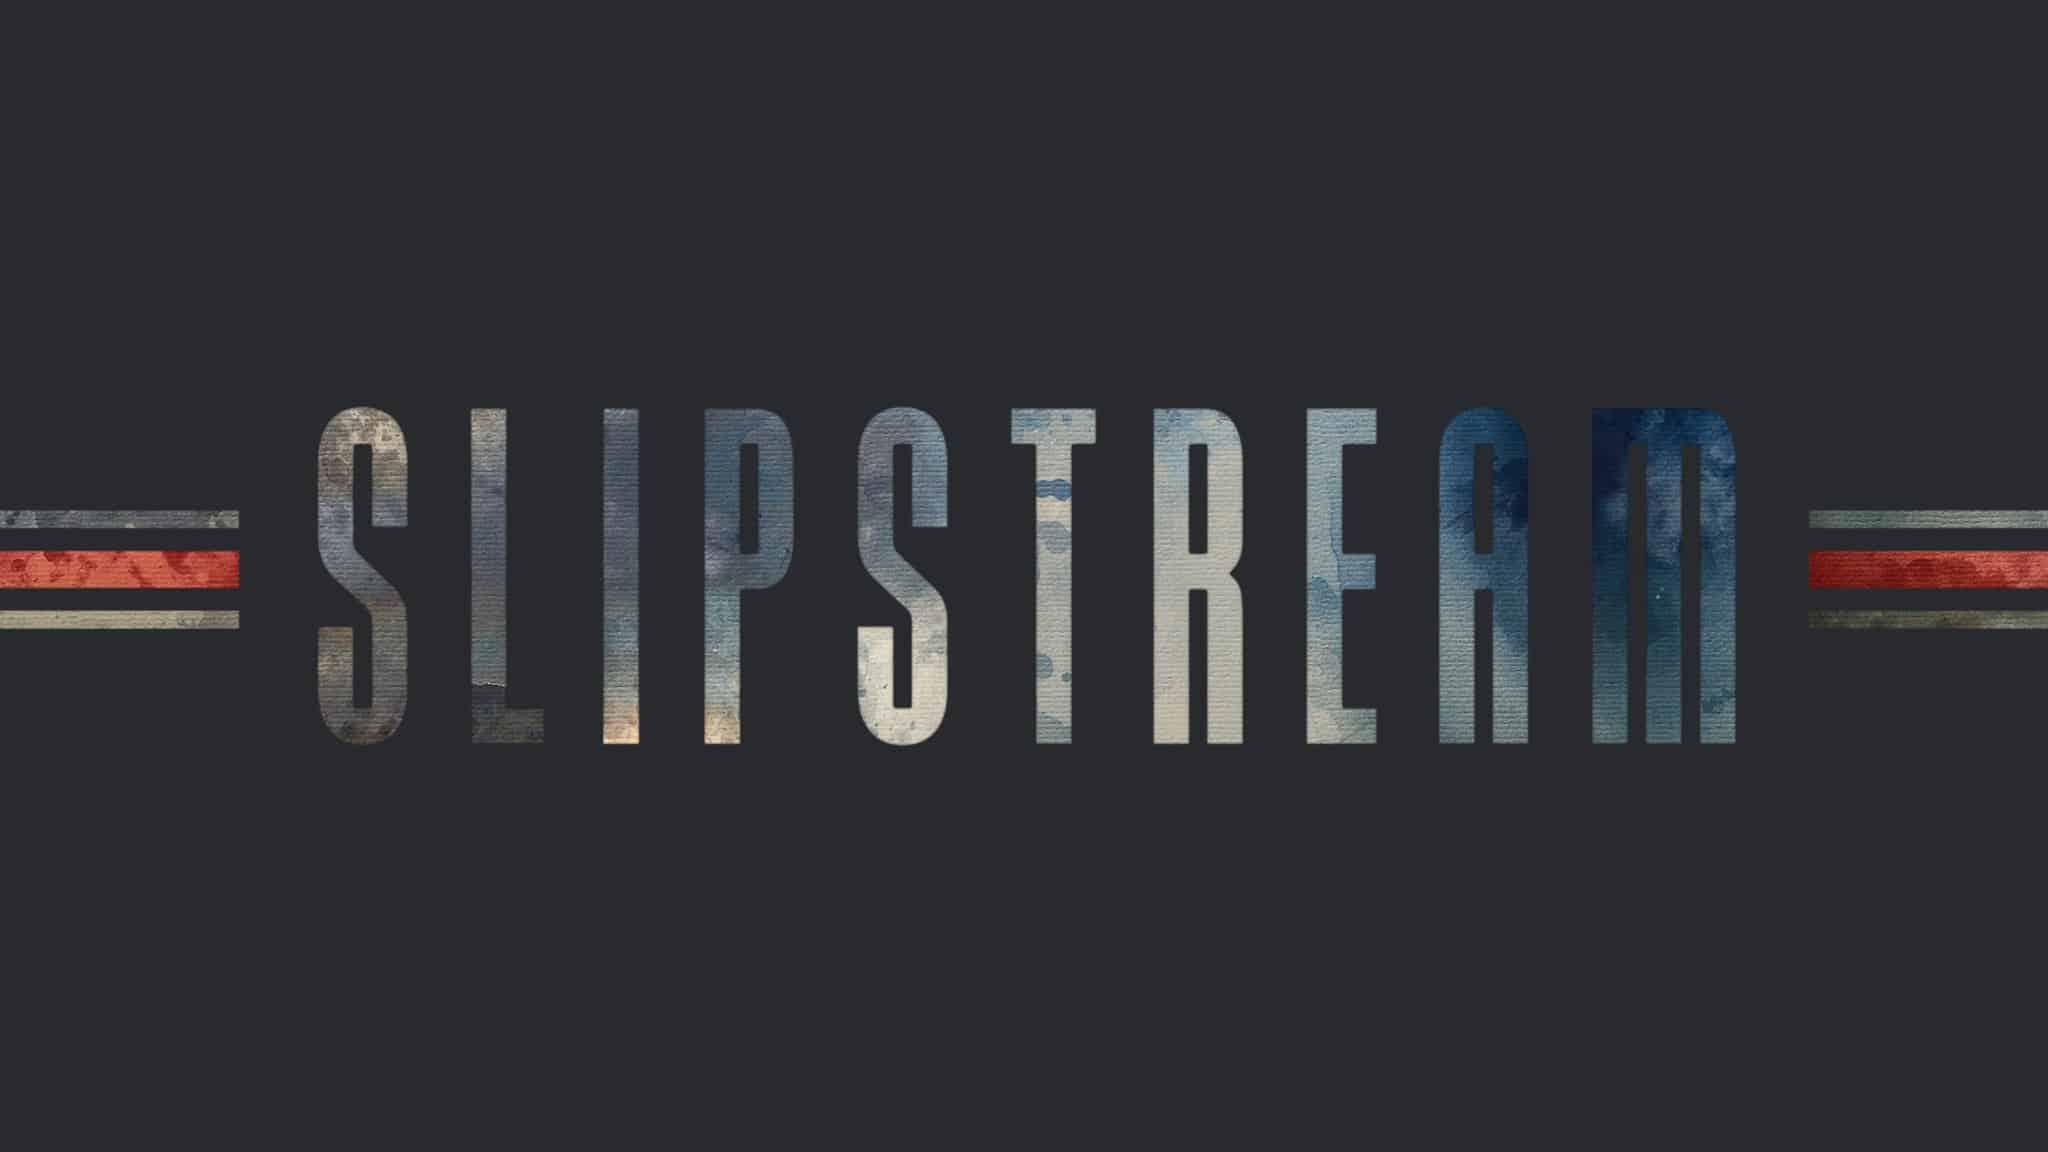 Call of Duty 2021 Slipstream PSN